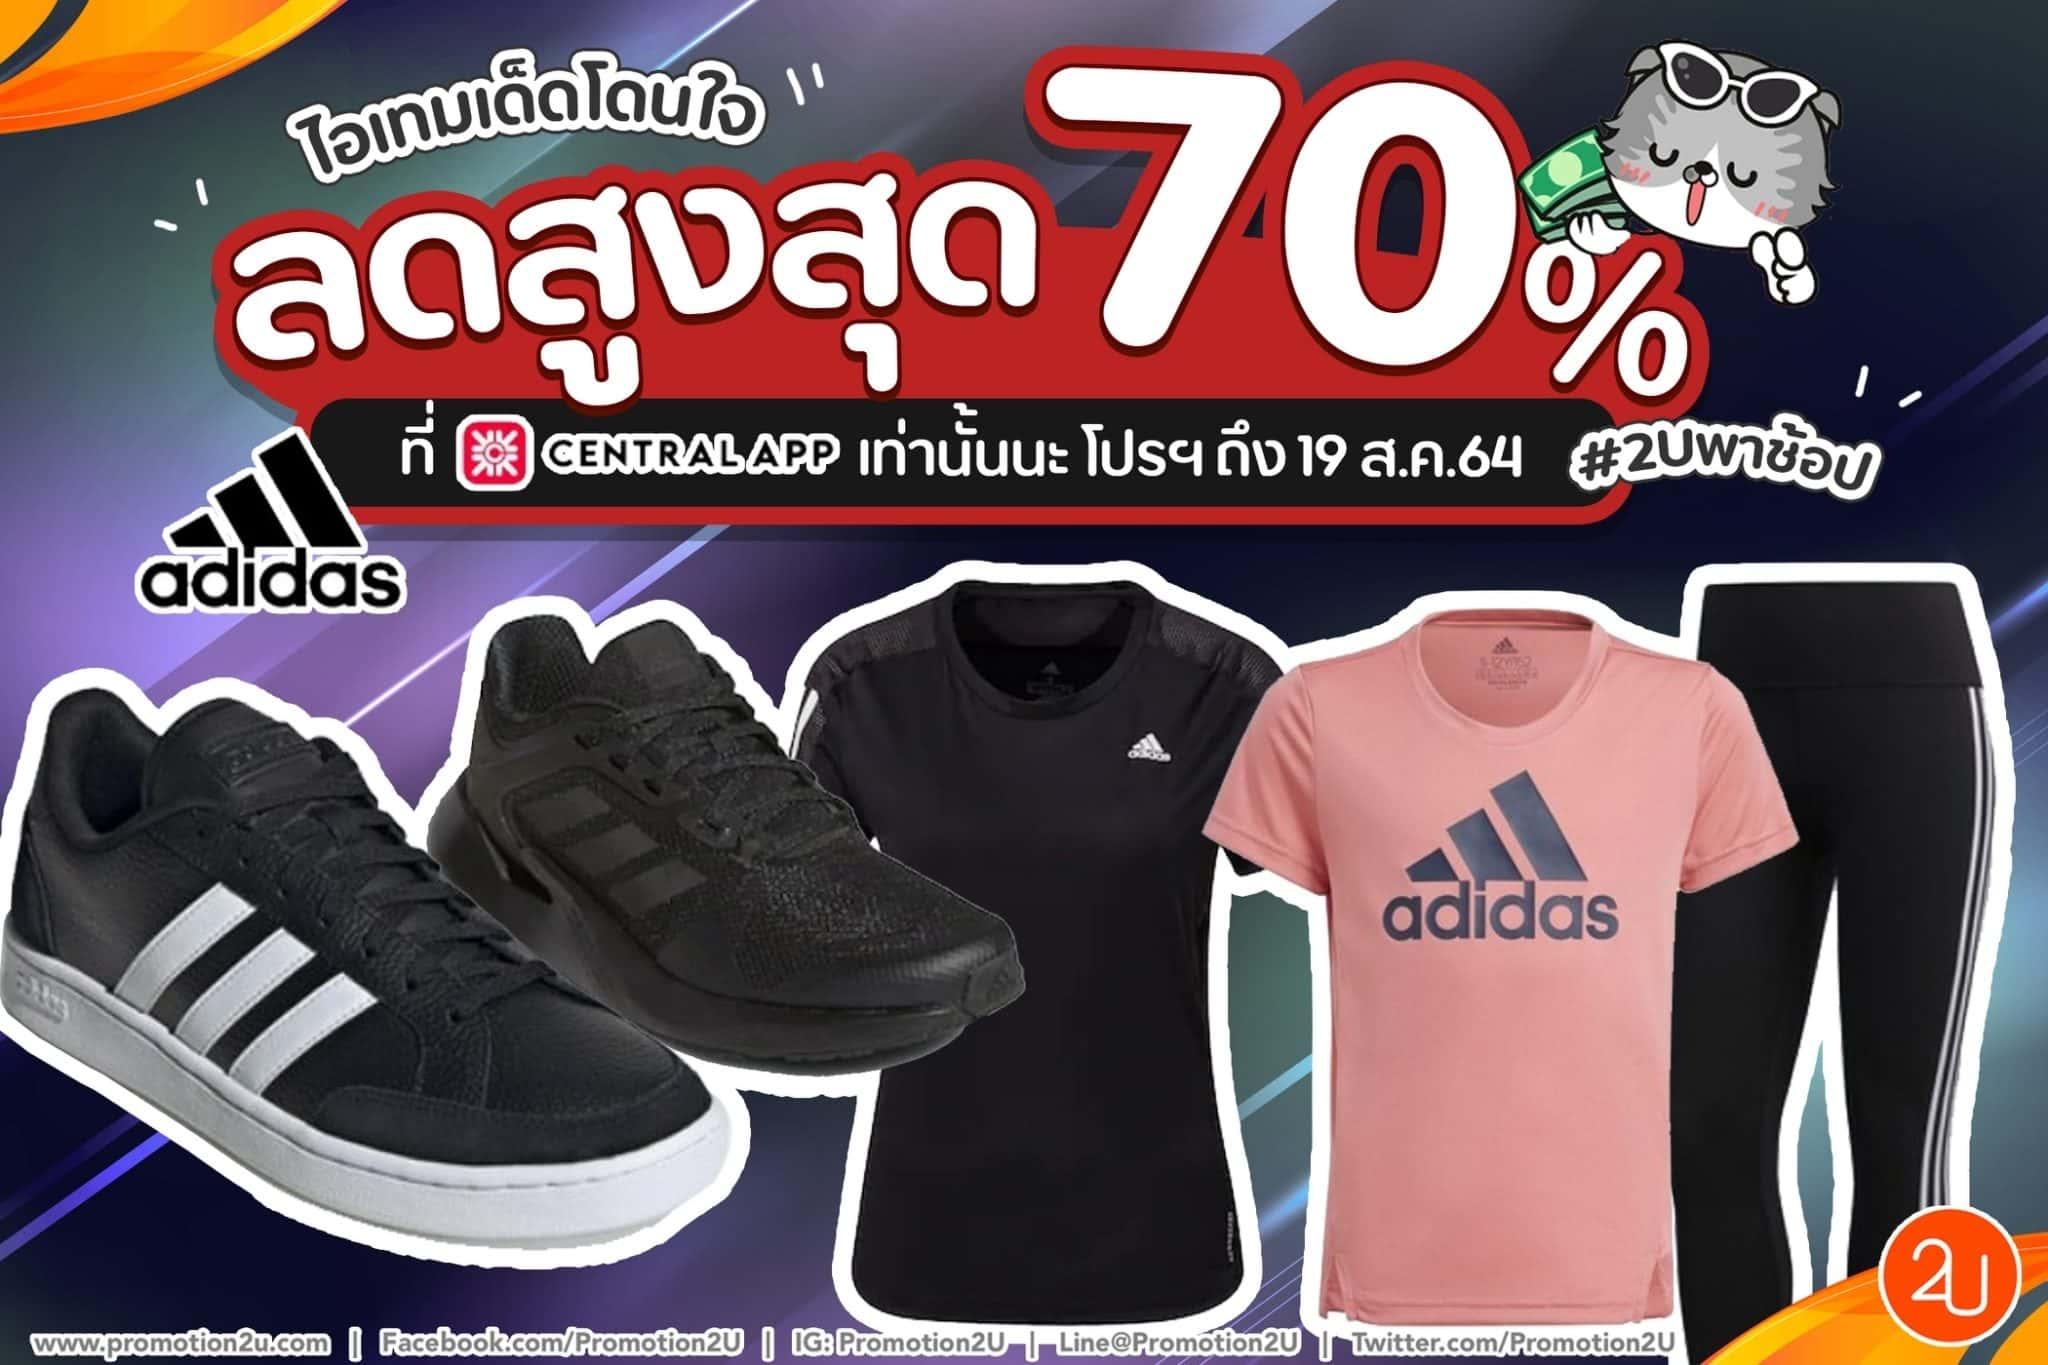 ช้อปให้แหลก!!! Adidas ลดสูงสุด 70% ช้อปกันได้ที่ Central App จ้าา~